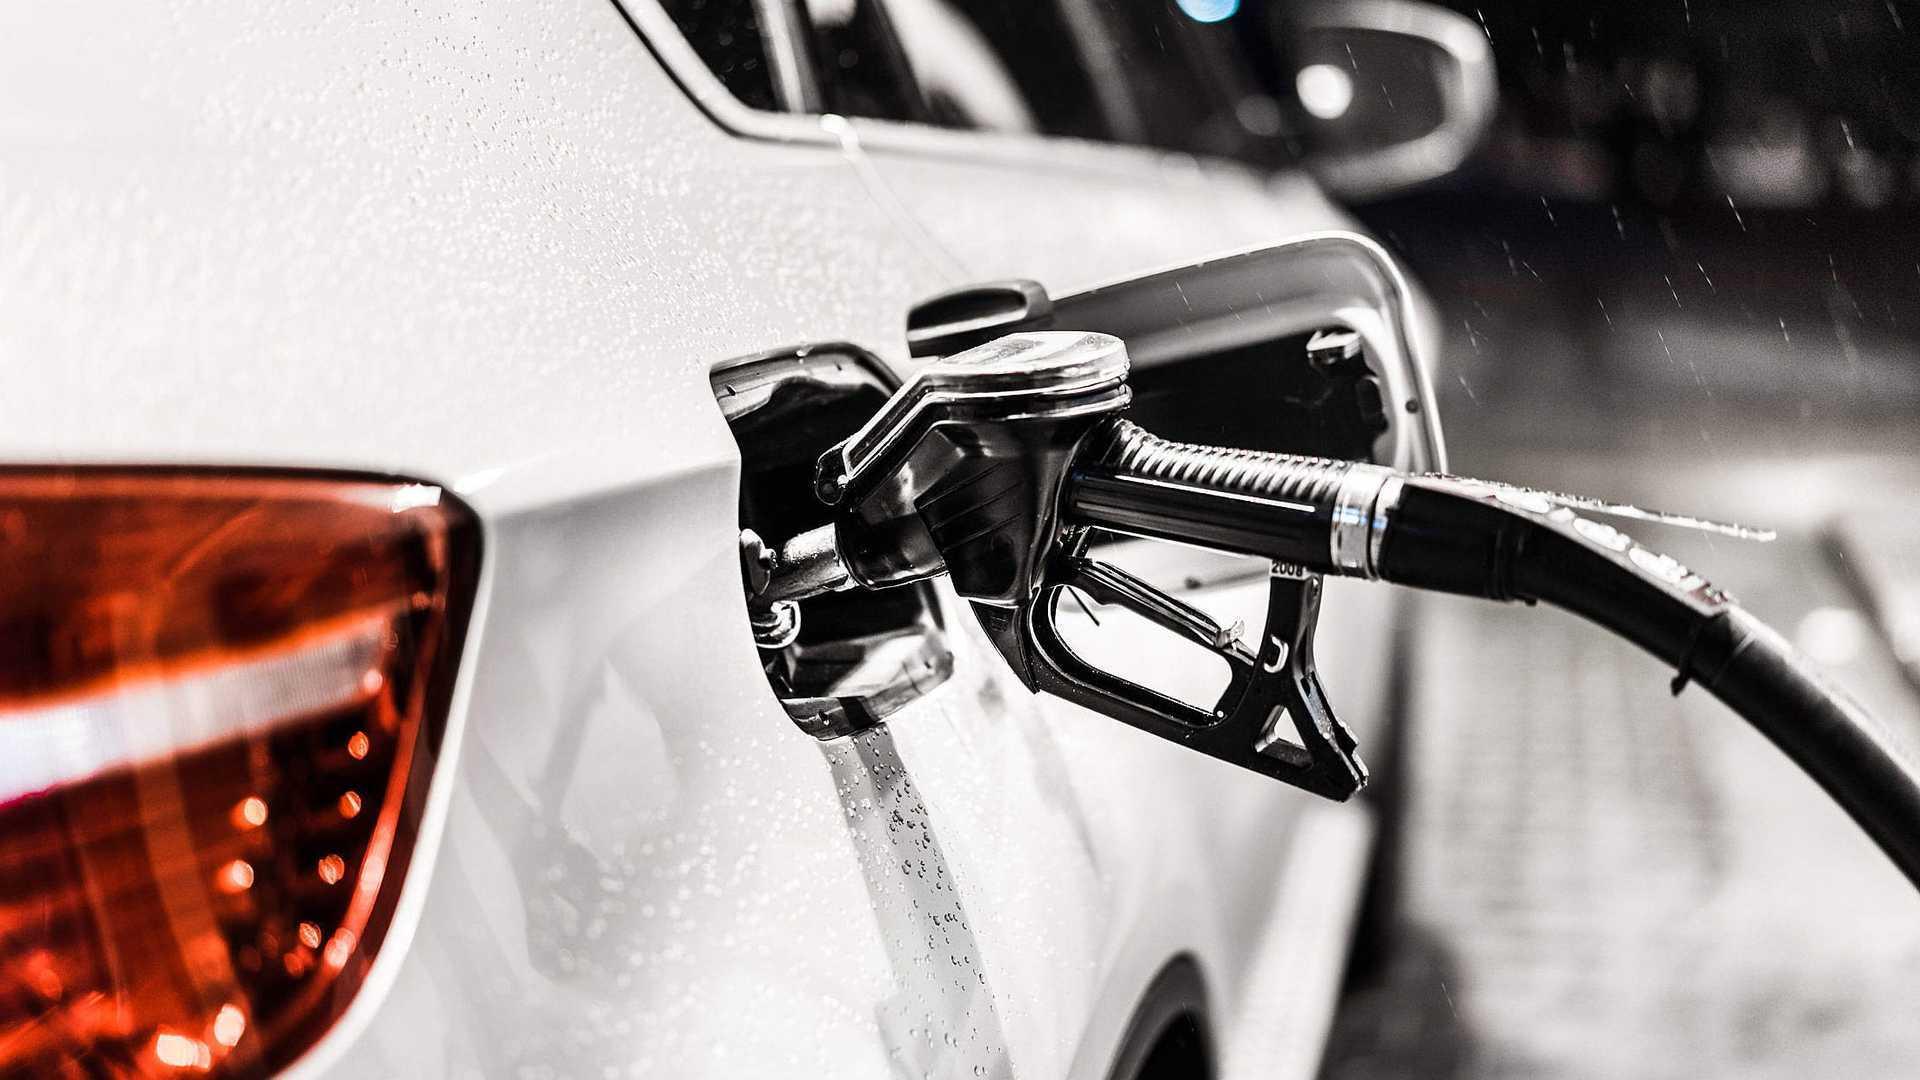 Carburants - 5 centimes en plus après l'attaque en Arabie Saoudite ?